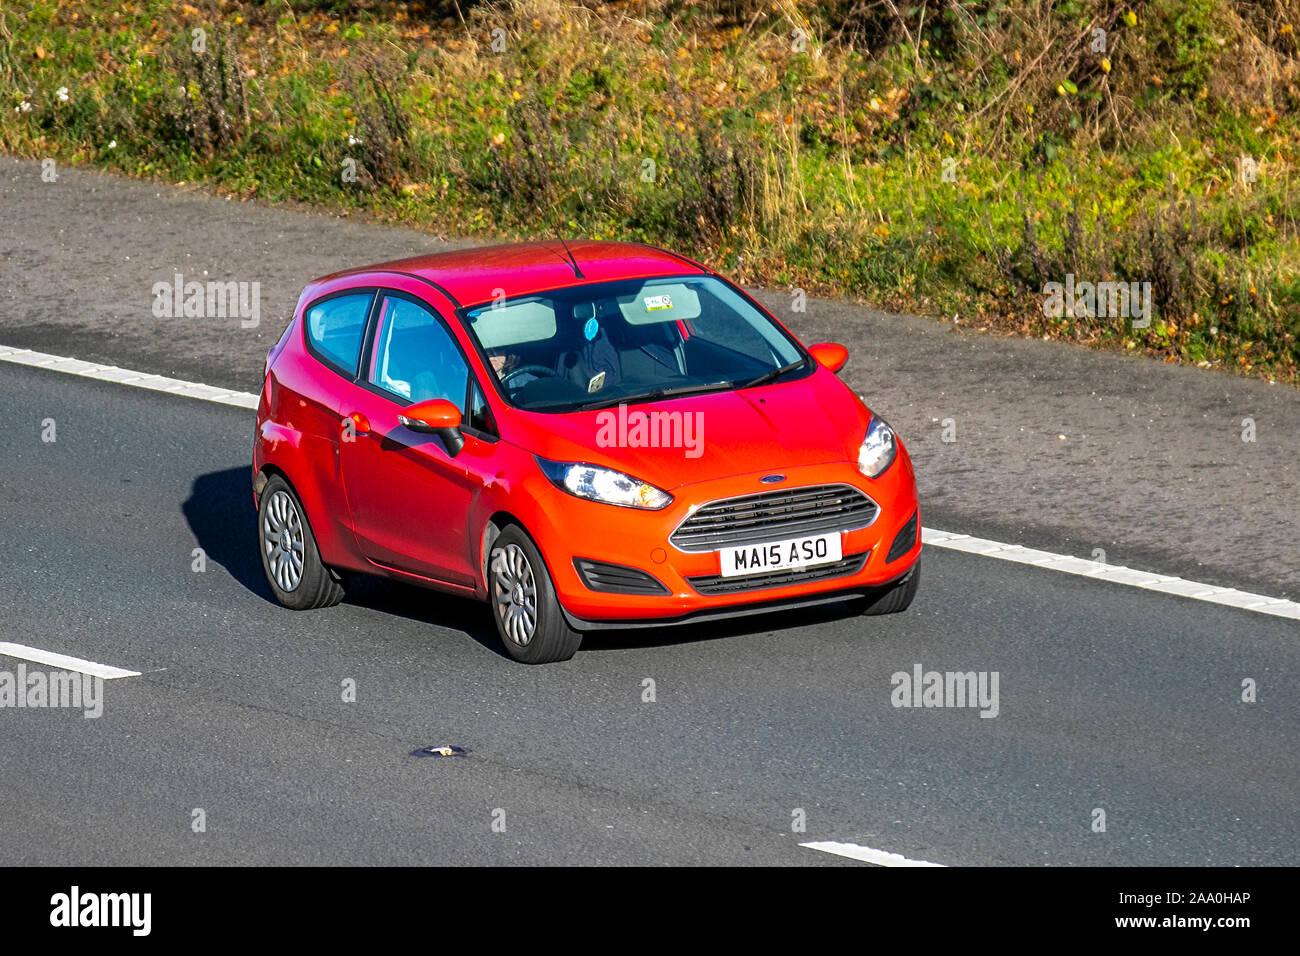 2015 Rot Ford Fiesta Style; Großbritannien Verkehr, Transport, moderne Fahrzeuge, Limousinen, South-bound Autofahren auf die 3 spurige Autobahn M6 Autobahn. Stockfoto